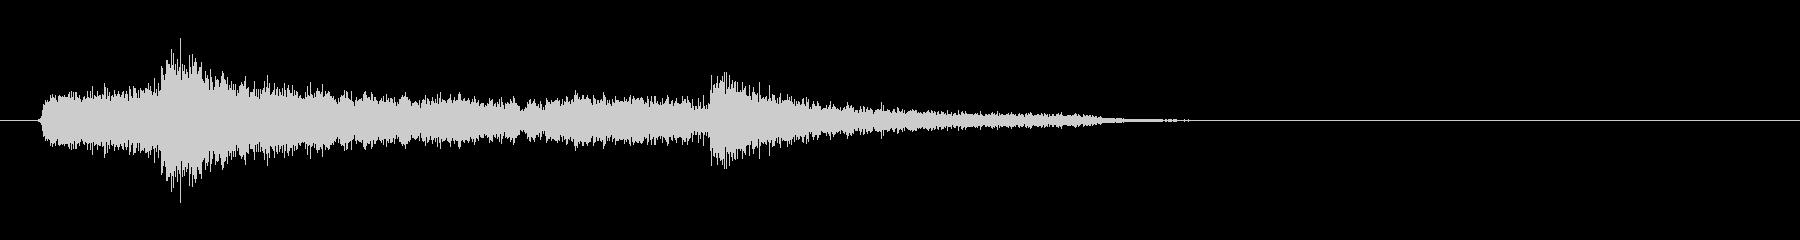 テーマ1:ピアノ、パーカッションの未再生の波形